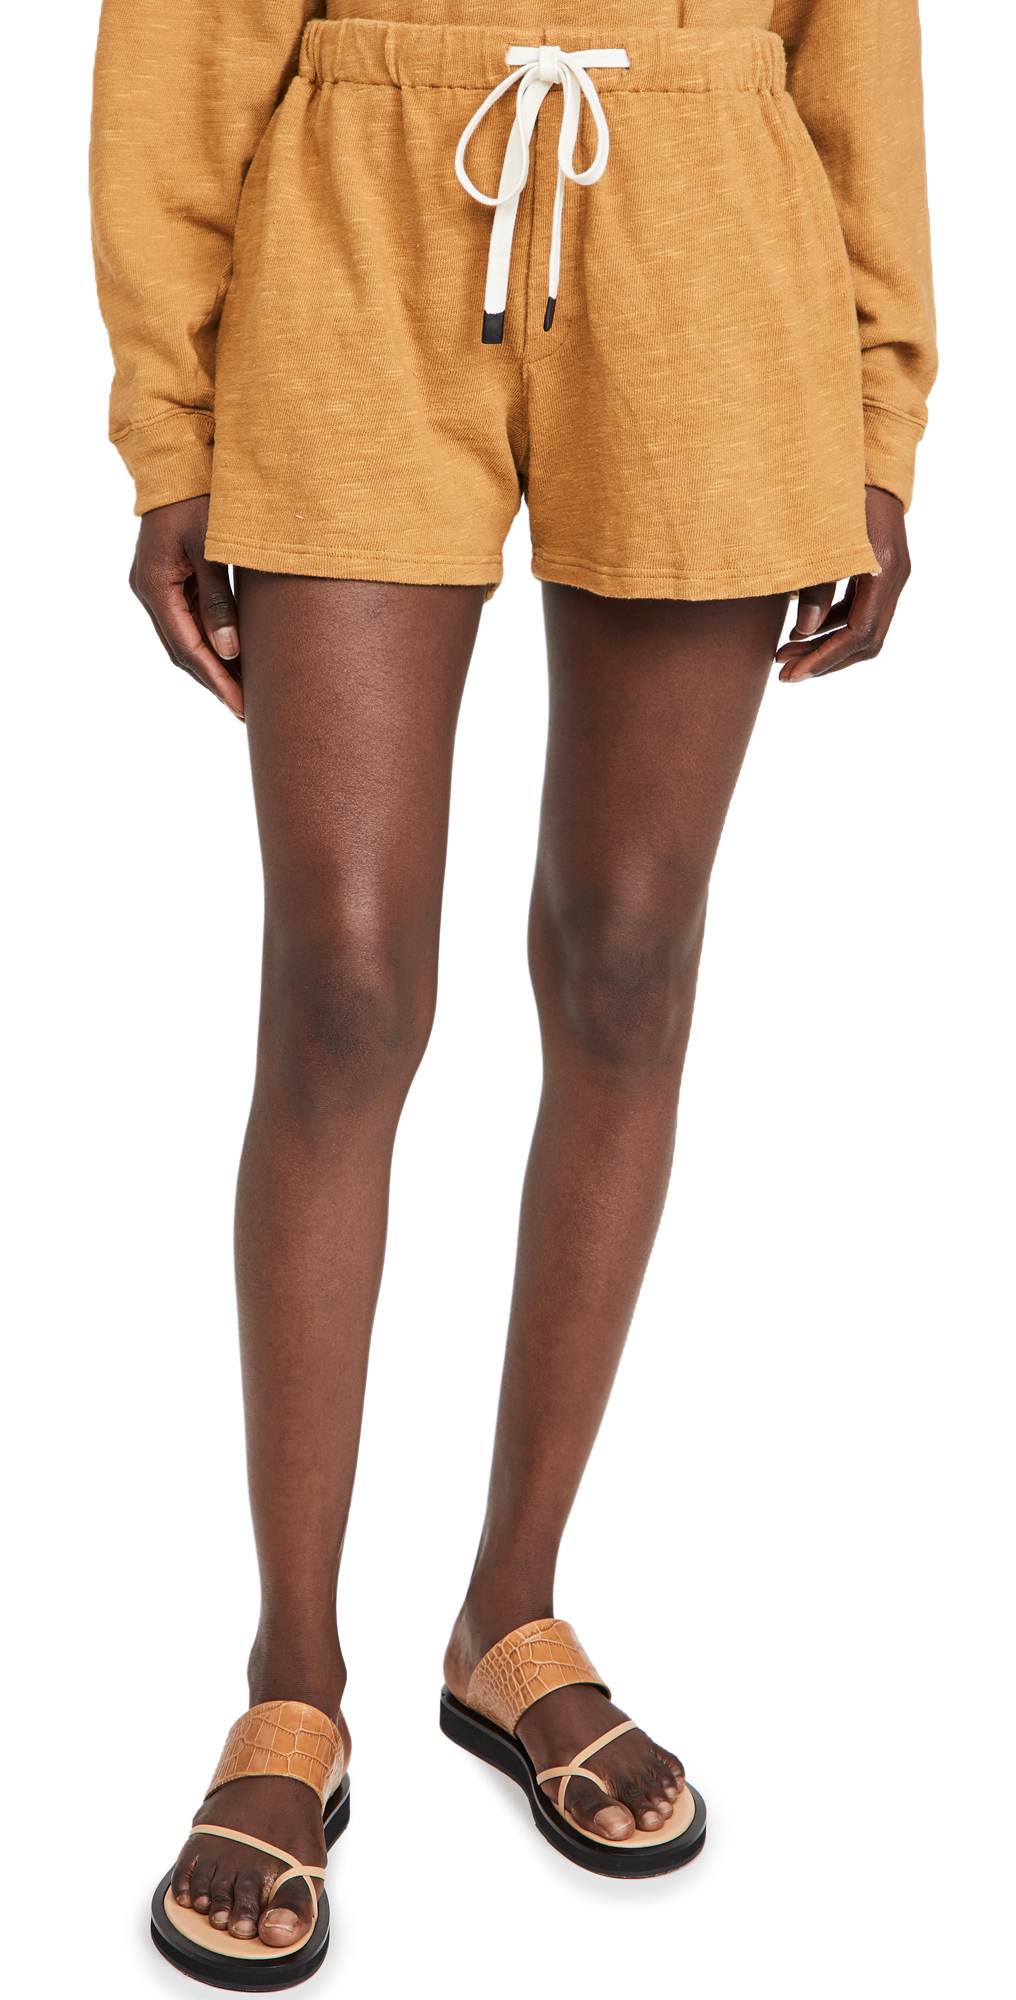 Slub Rib Athletic Beach Shorts